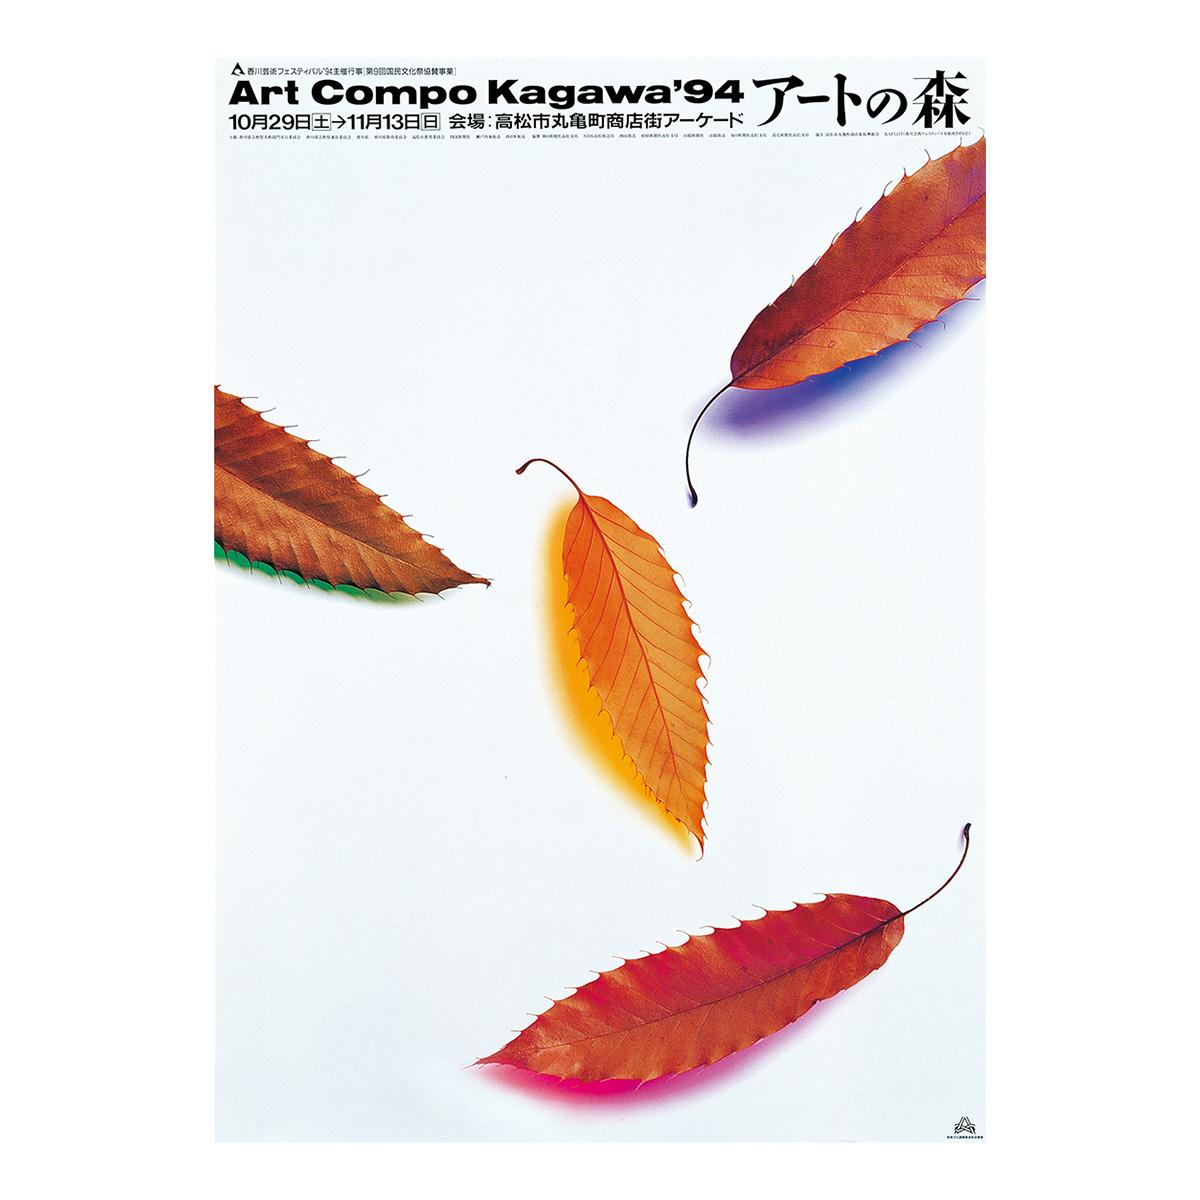 香川芸術フェスティバル'94 美術部門ポスター